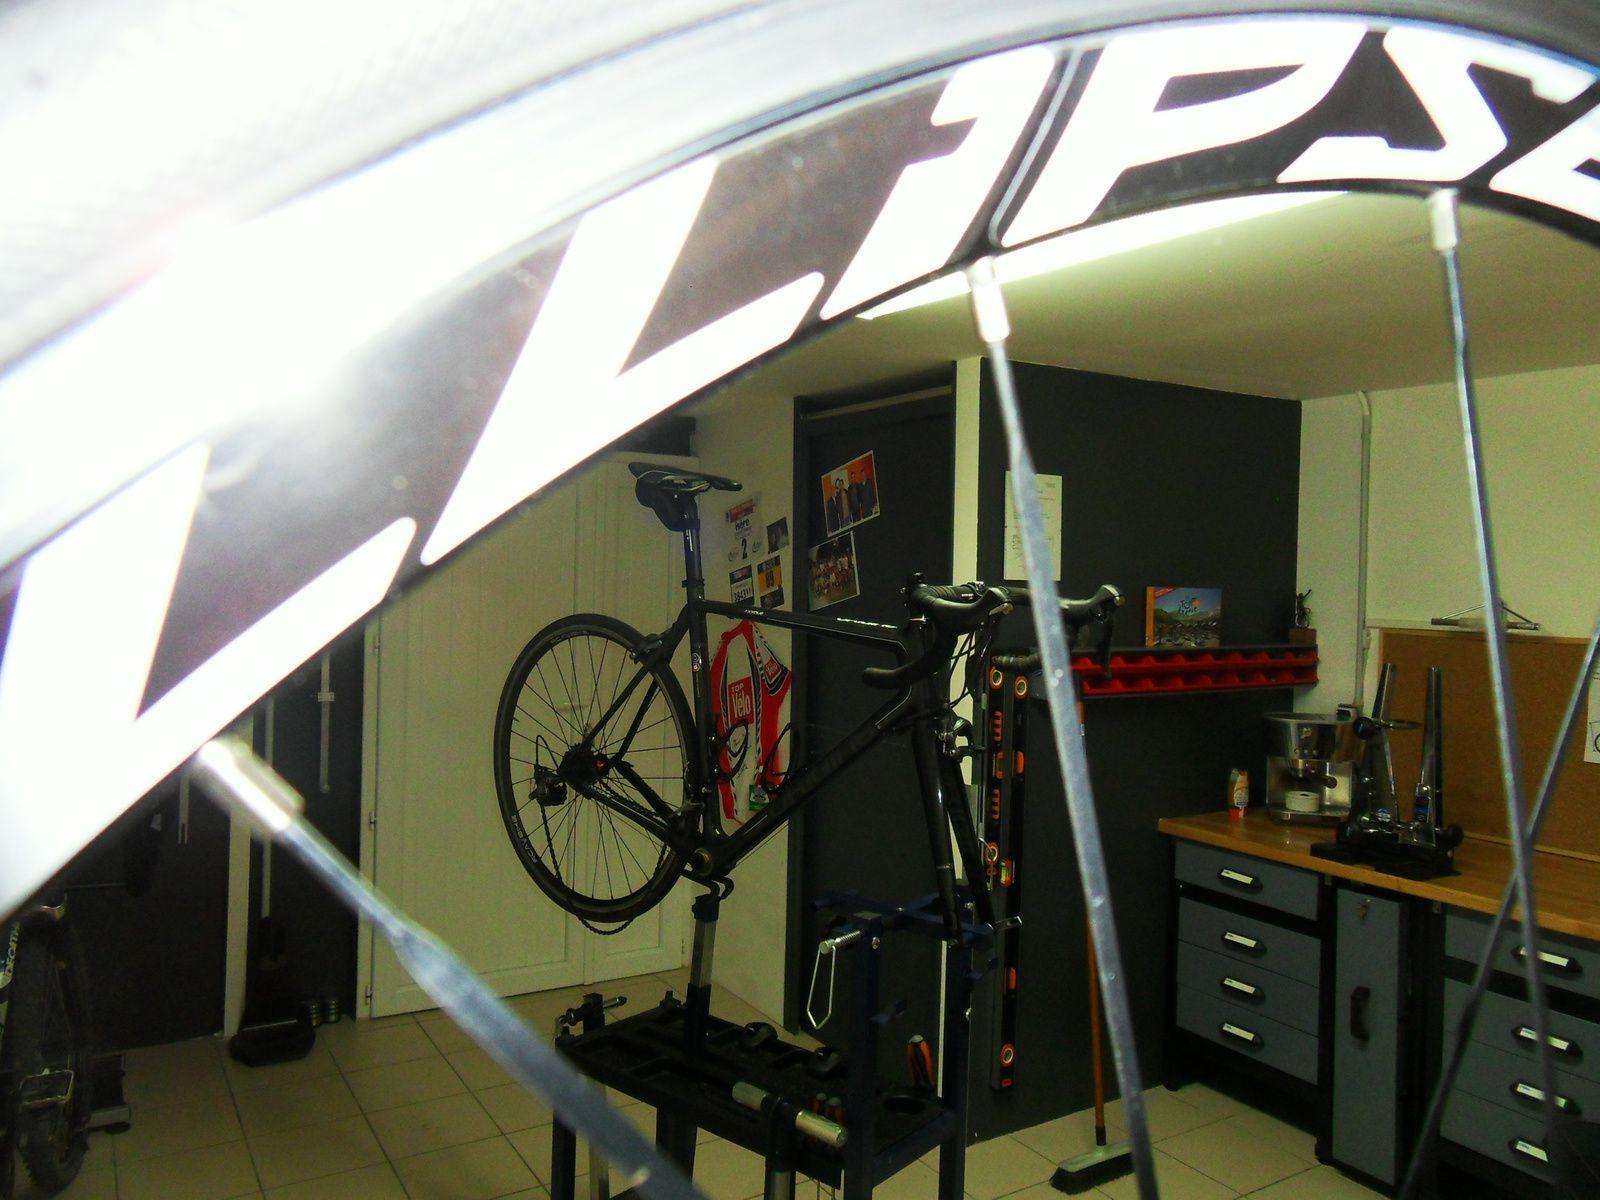 Réception du vélo et au besoin petit tour rapide avec le client afin de voir les grandes lignes.